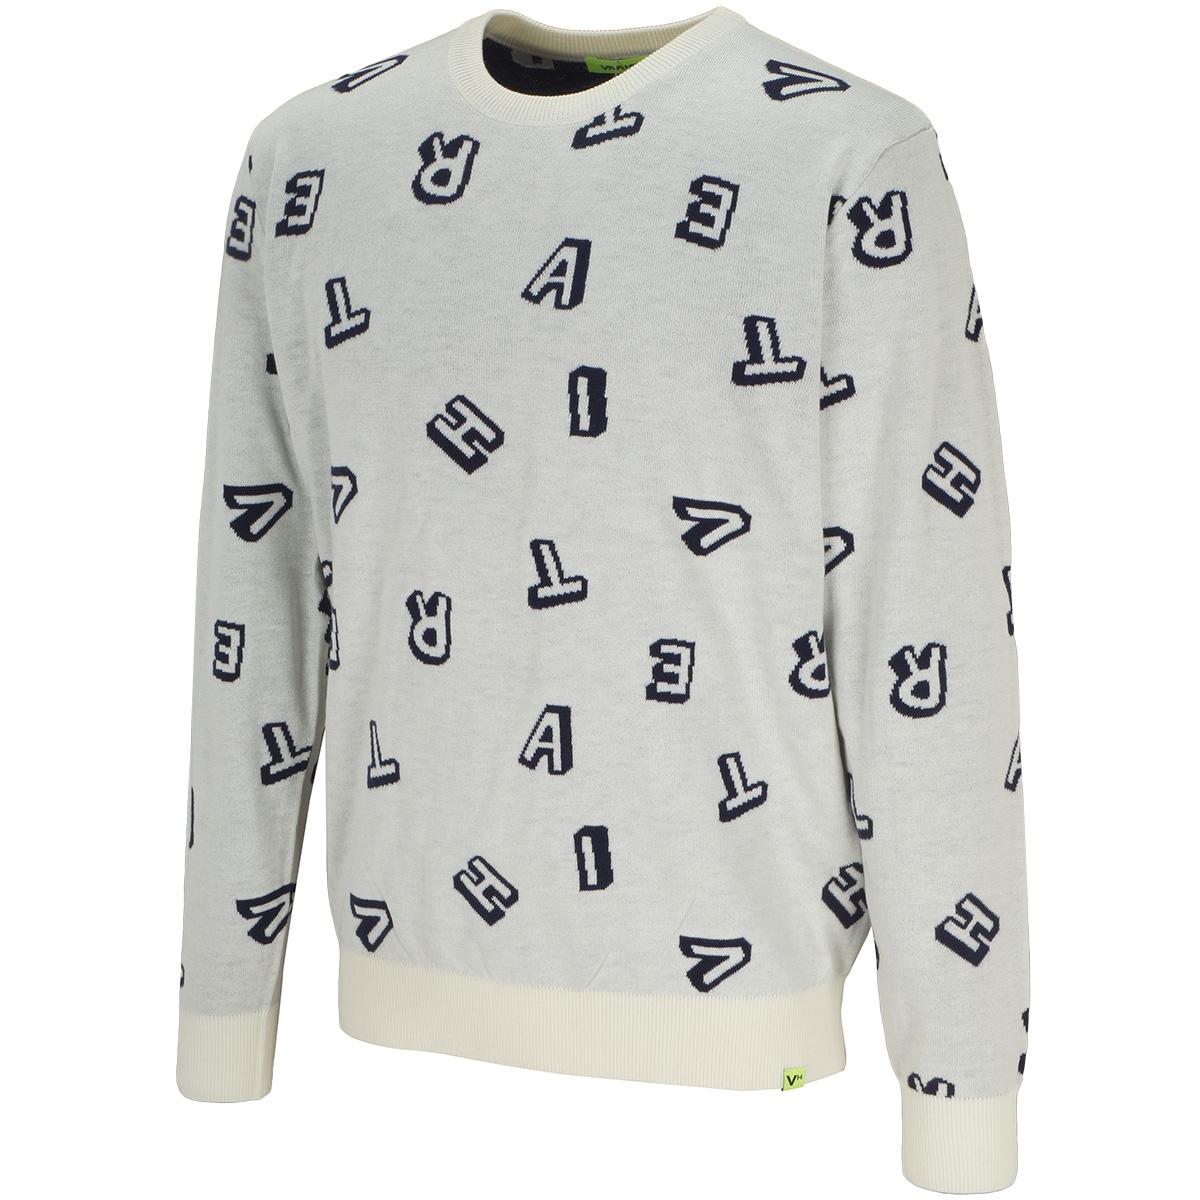 ランダムロゴクルーネックセーター